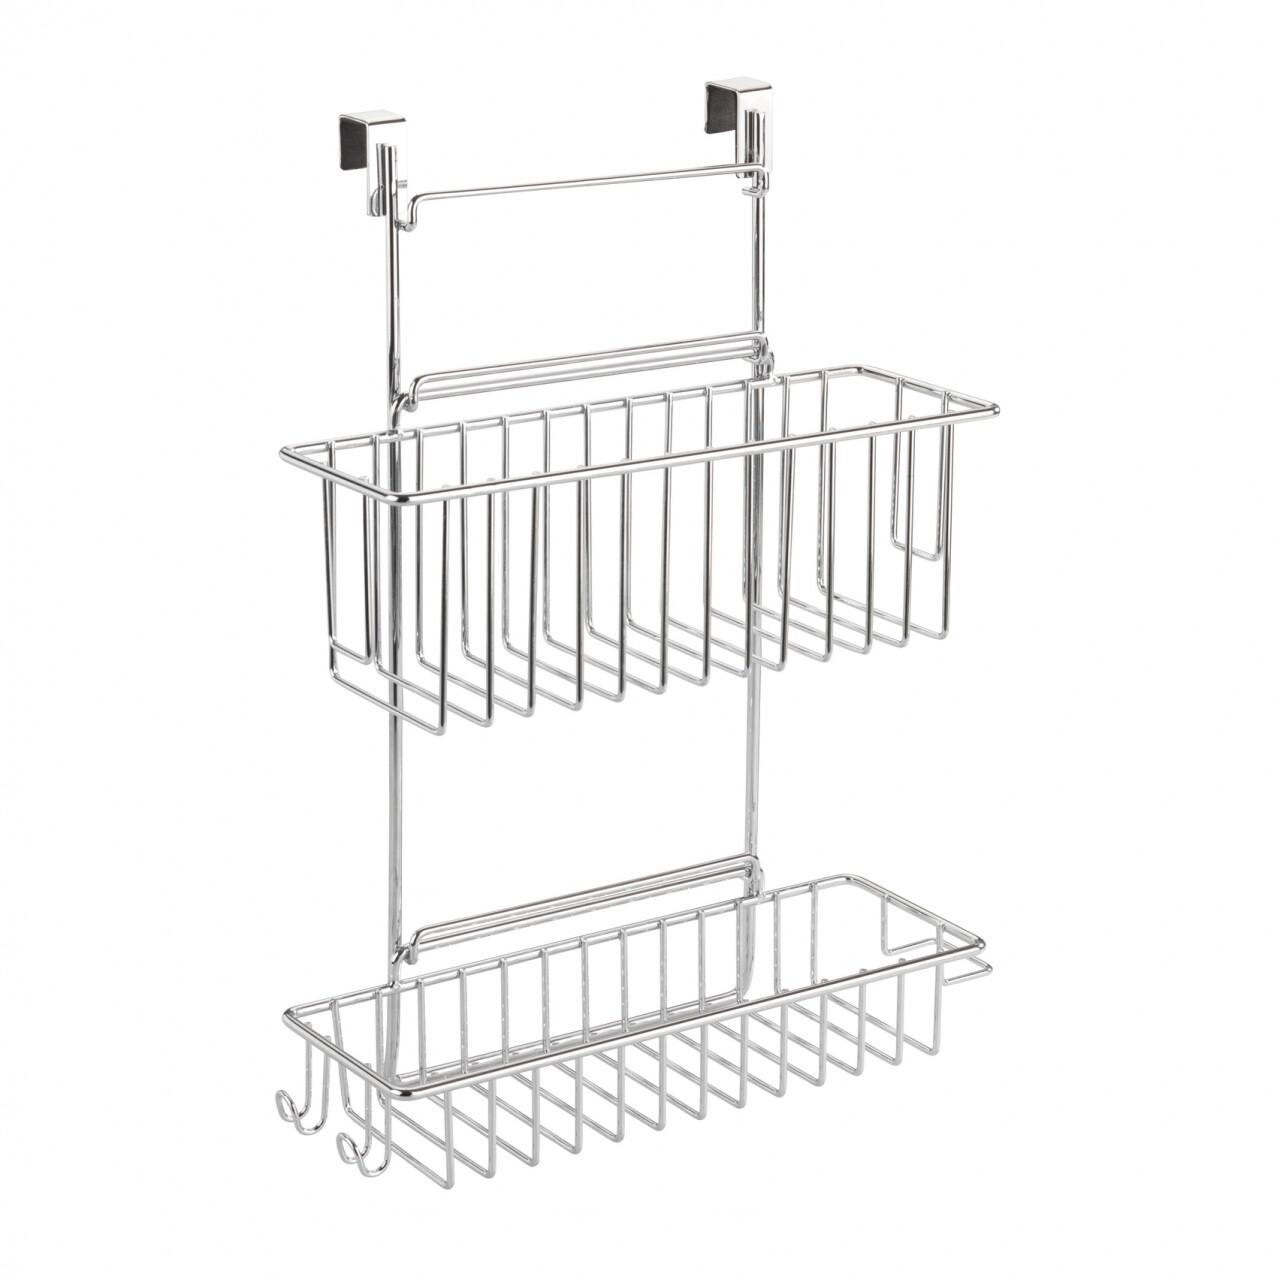 Suport suspendat, Wenko, pentru dulap, cu 2 rafturi, 32 x 47 cm, metal, argintiu